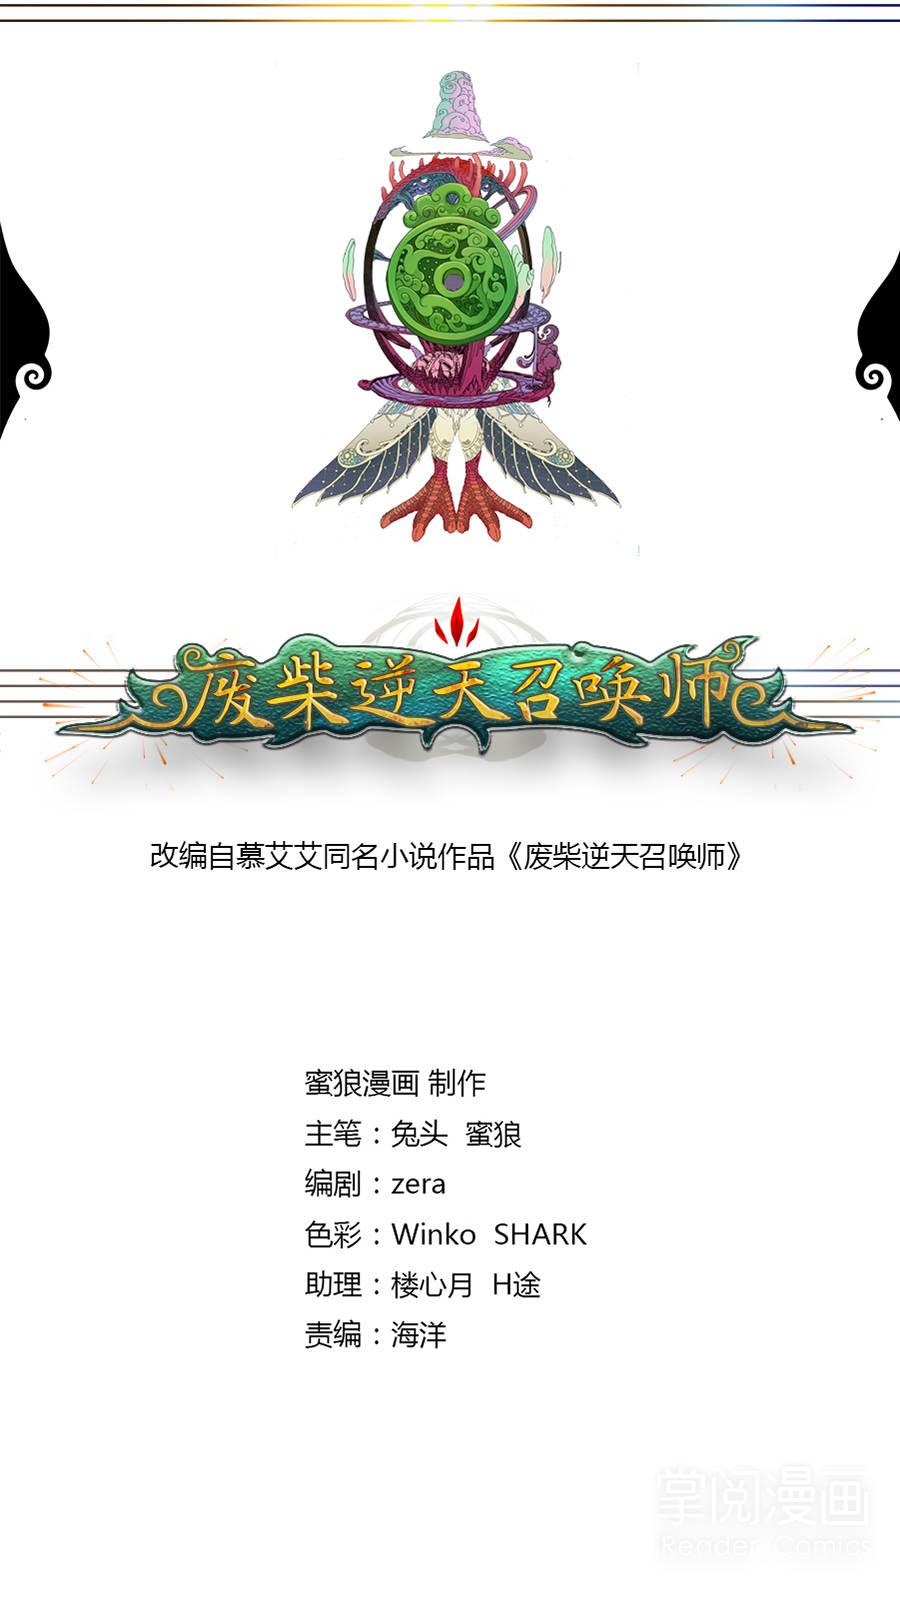 废柴逆天召唤师第21话  沼泽遇蛇王(中秋快乐) 第 2